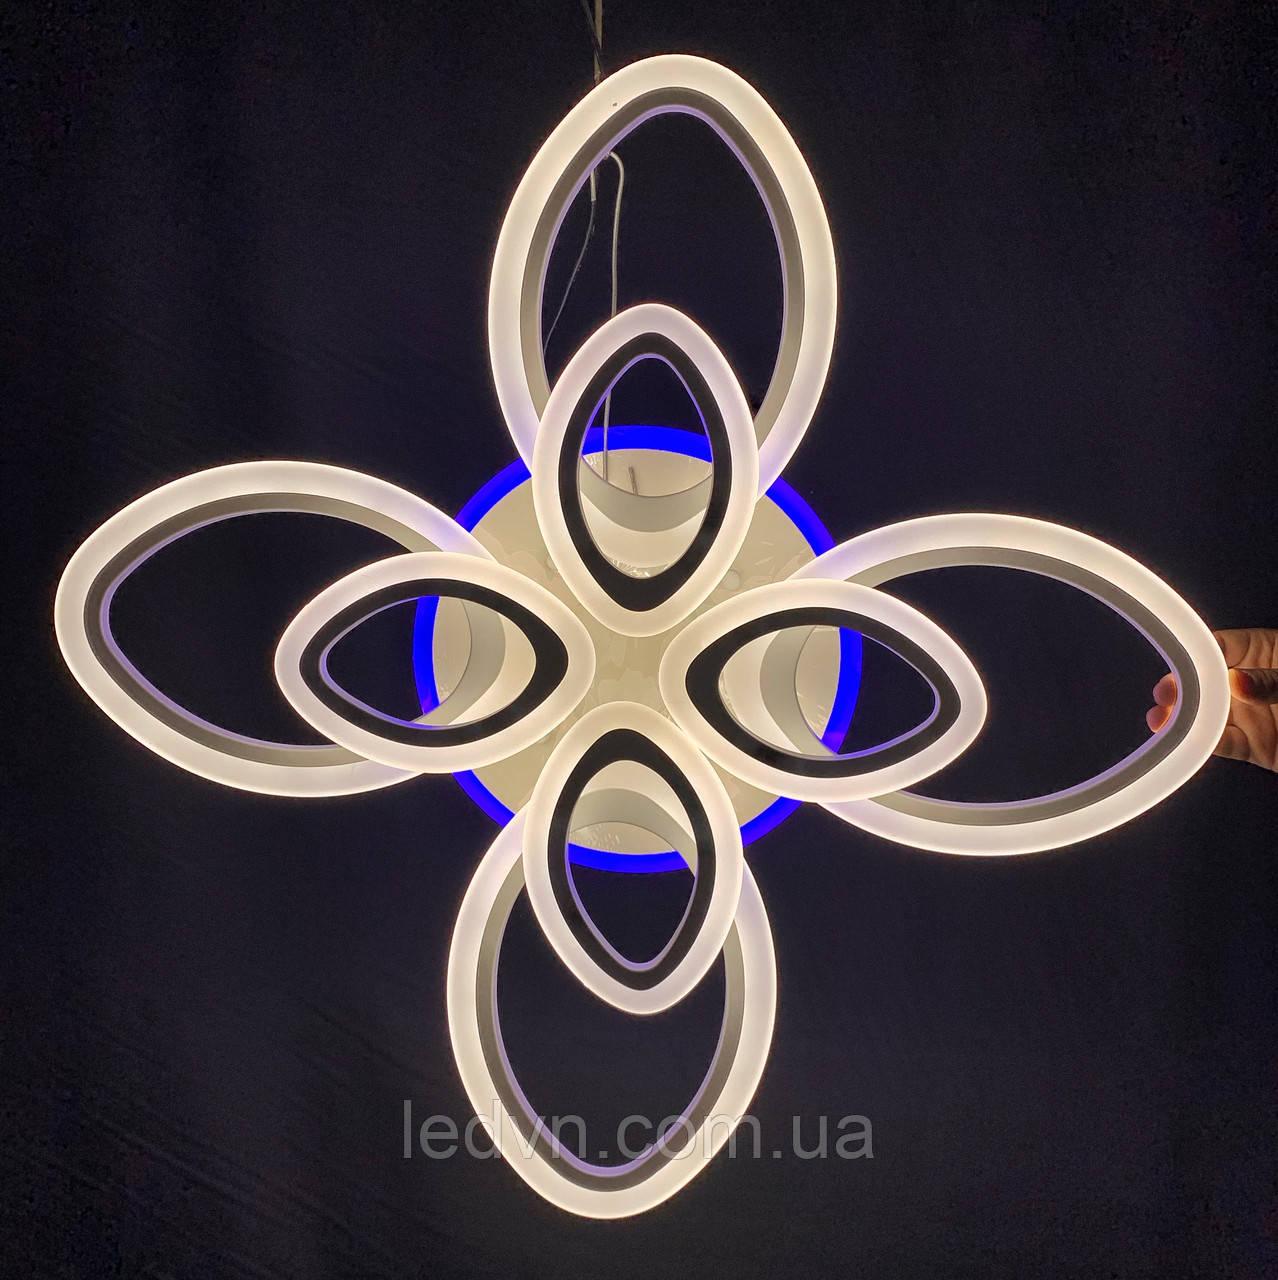 Светодиодная люстра 4+4 с диммерным пультом  белая